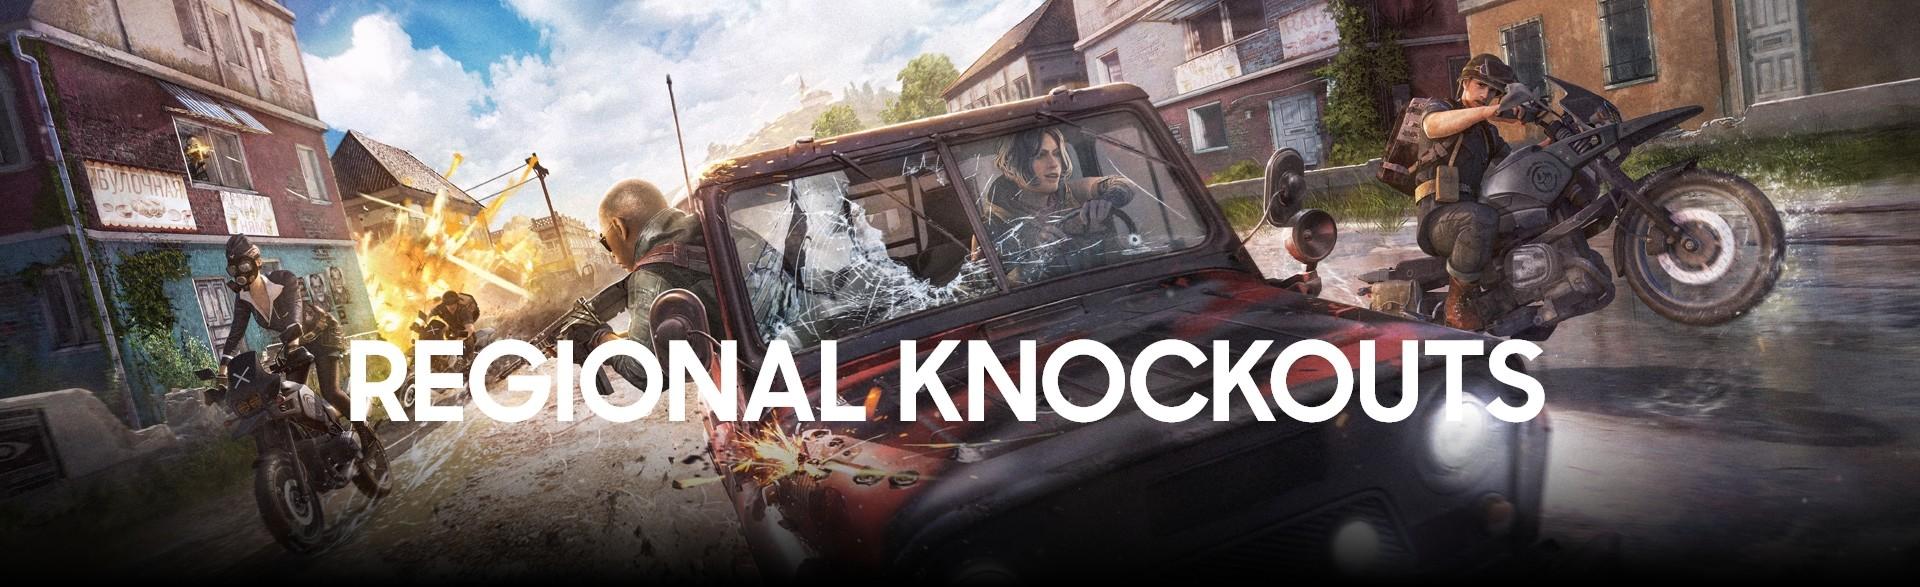 Regional Knockouts